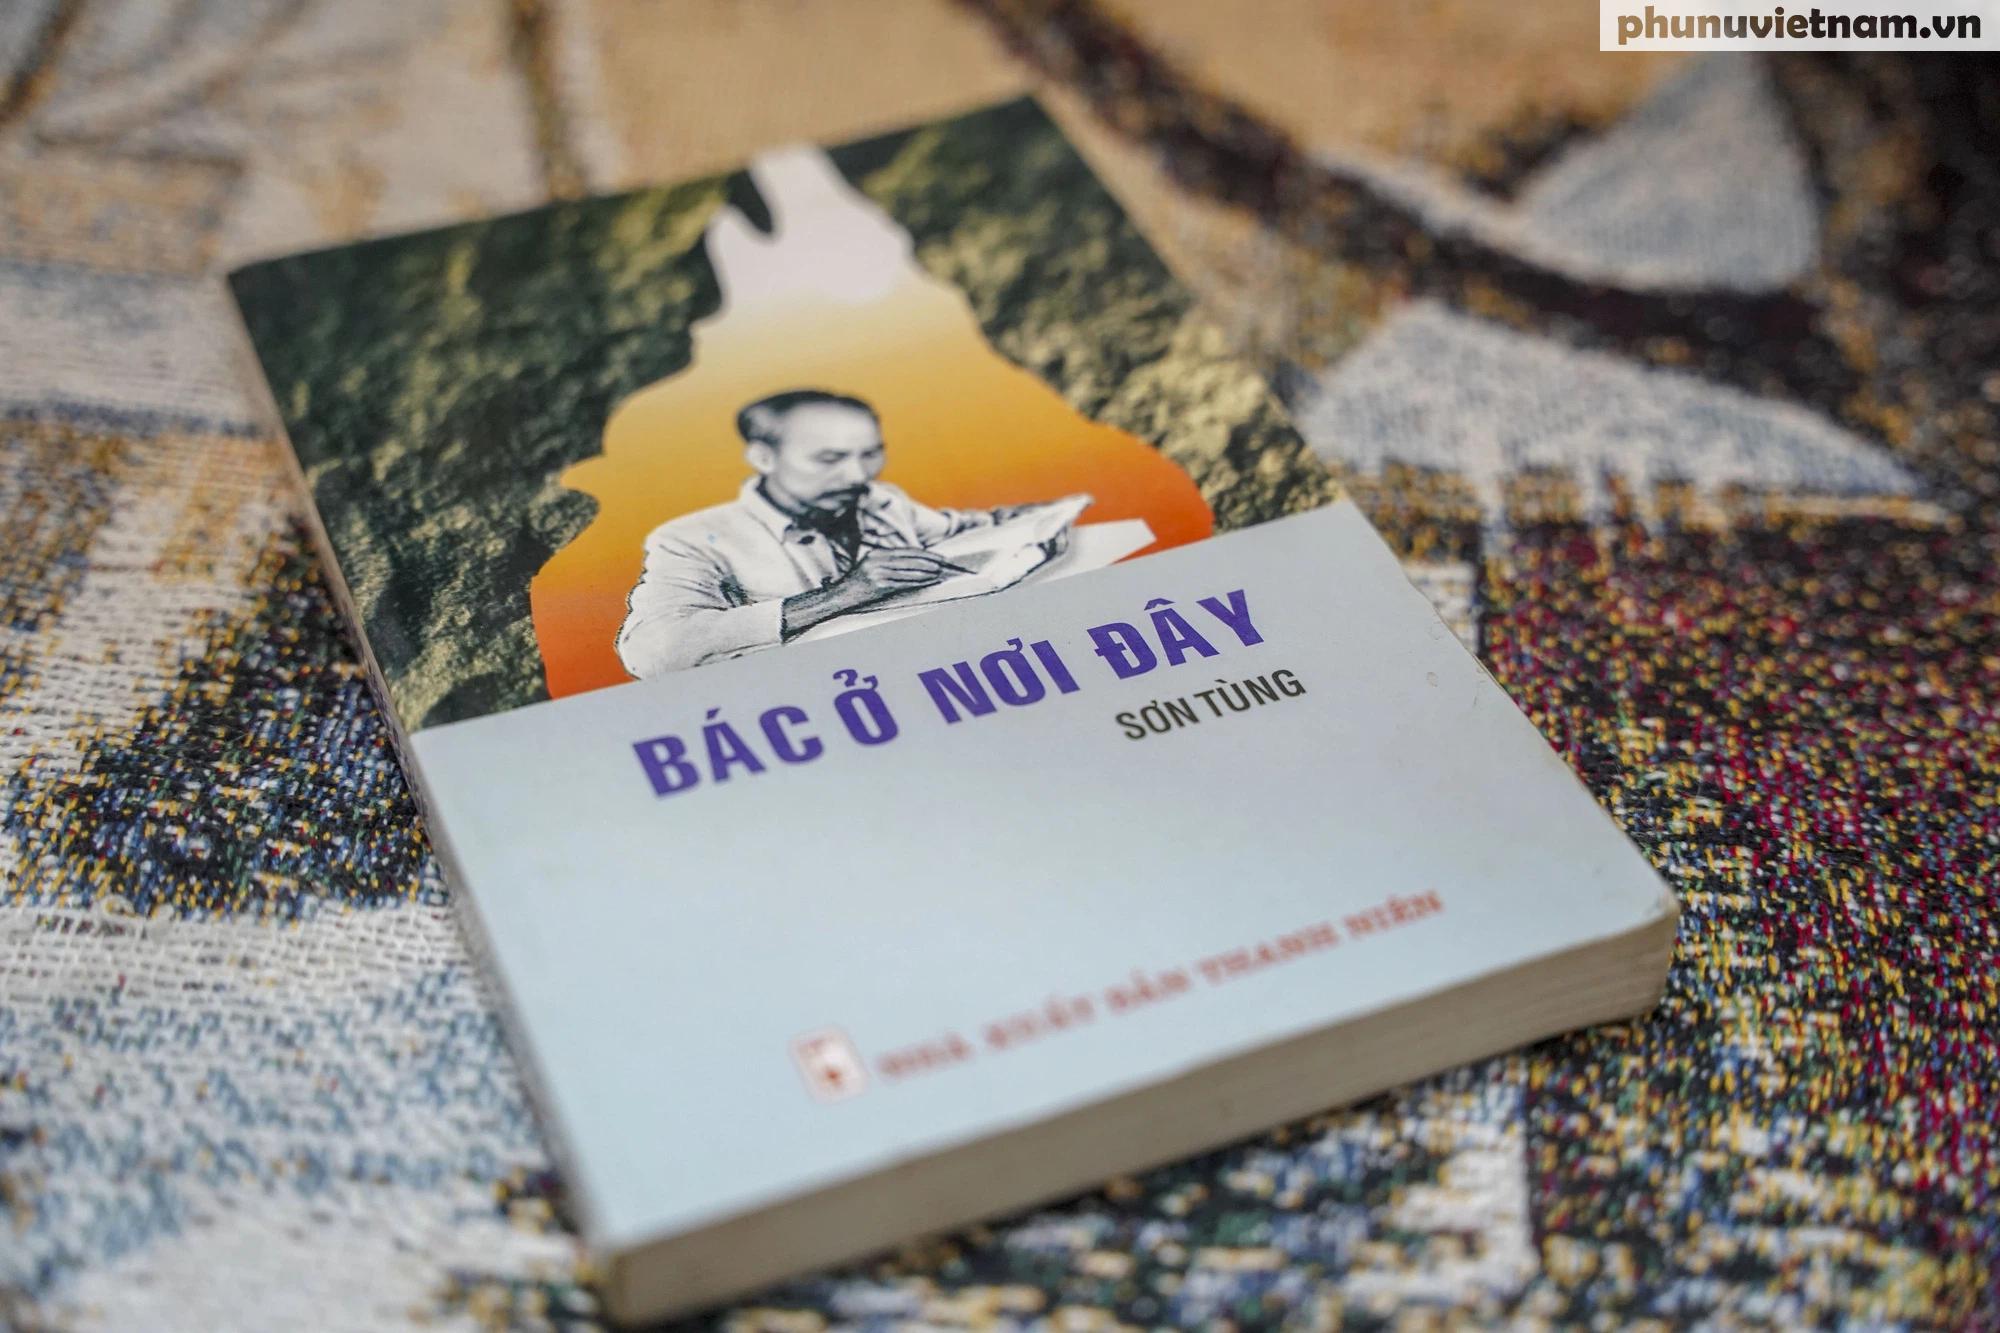 Chiêm ngưỡng kho tàng sáng tác đồ sộ của nhà văn Sơn Tùng về Bác Hồ, danh nhân cách mạng - Ảnh 20.